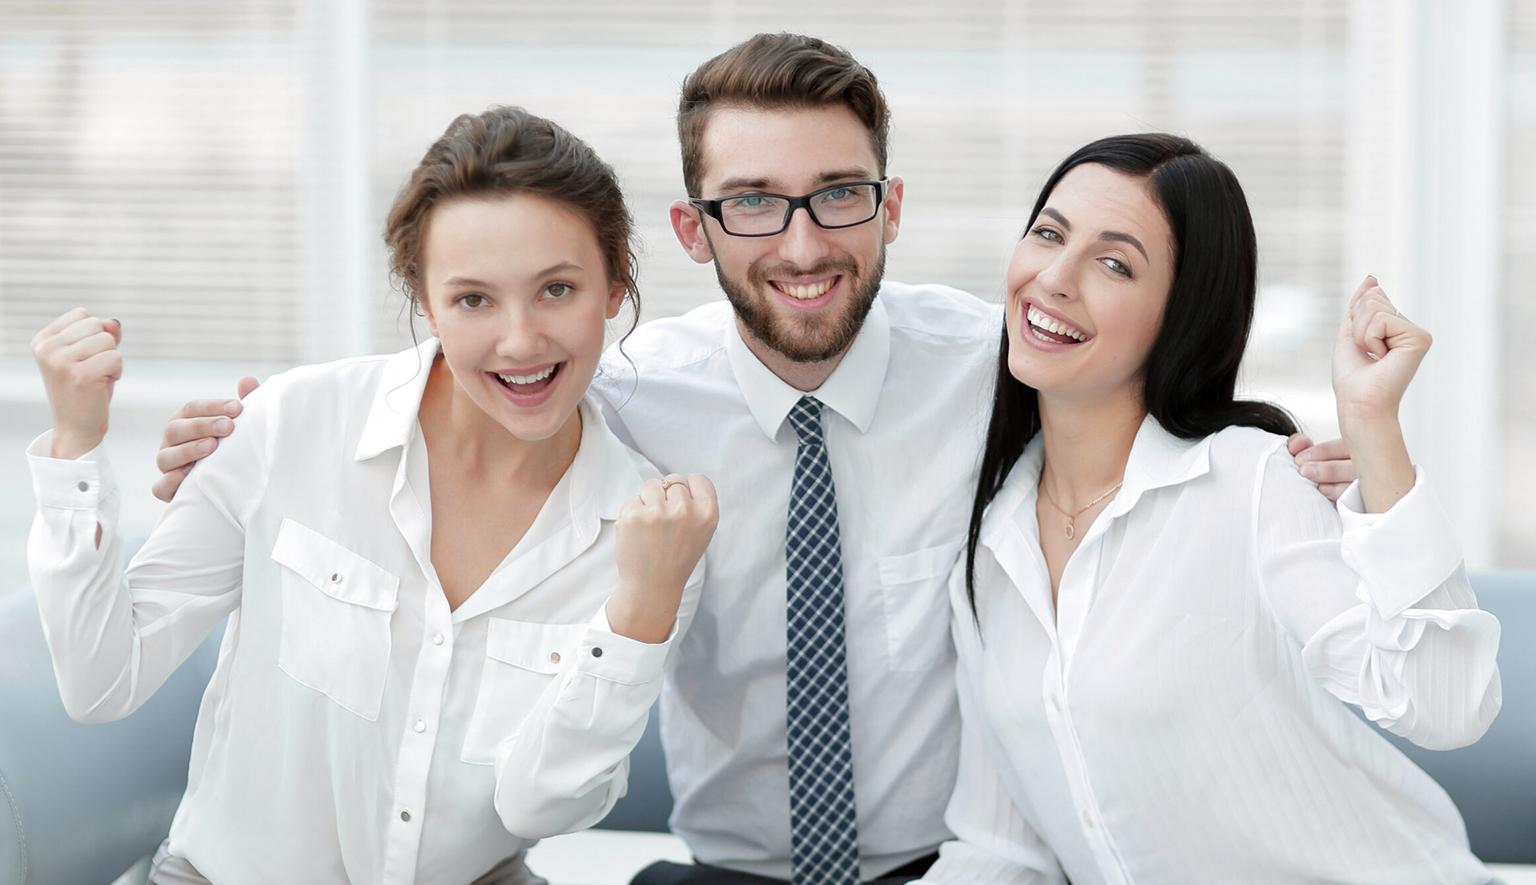 Misiunea, de ce este un element important pentru o organizație?